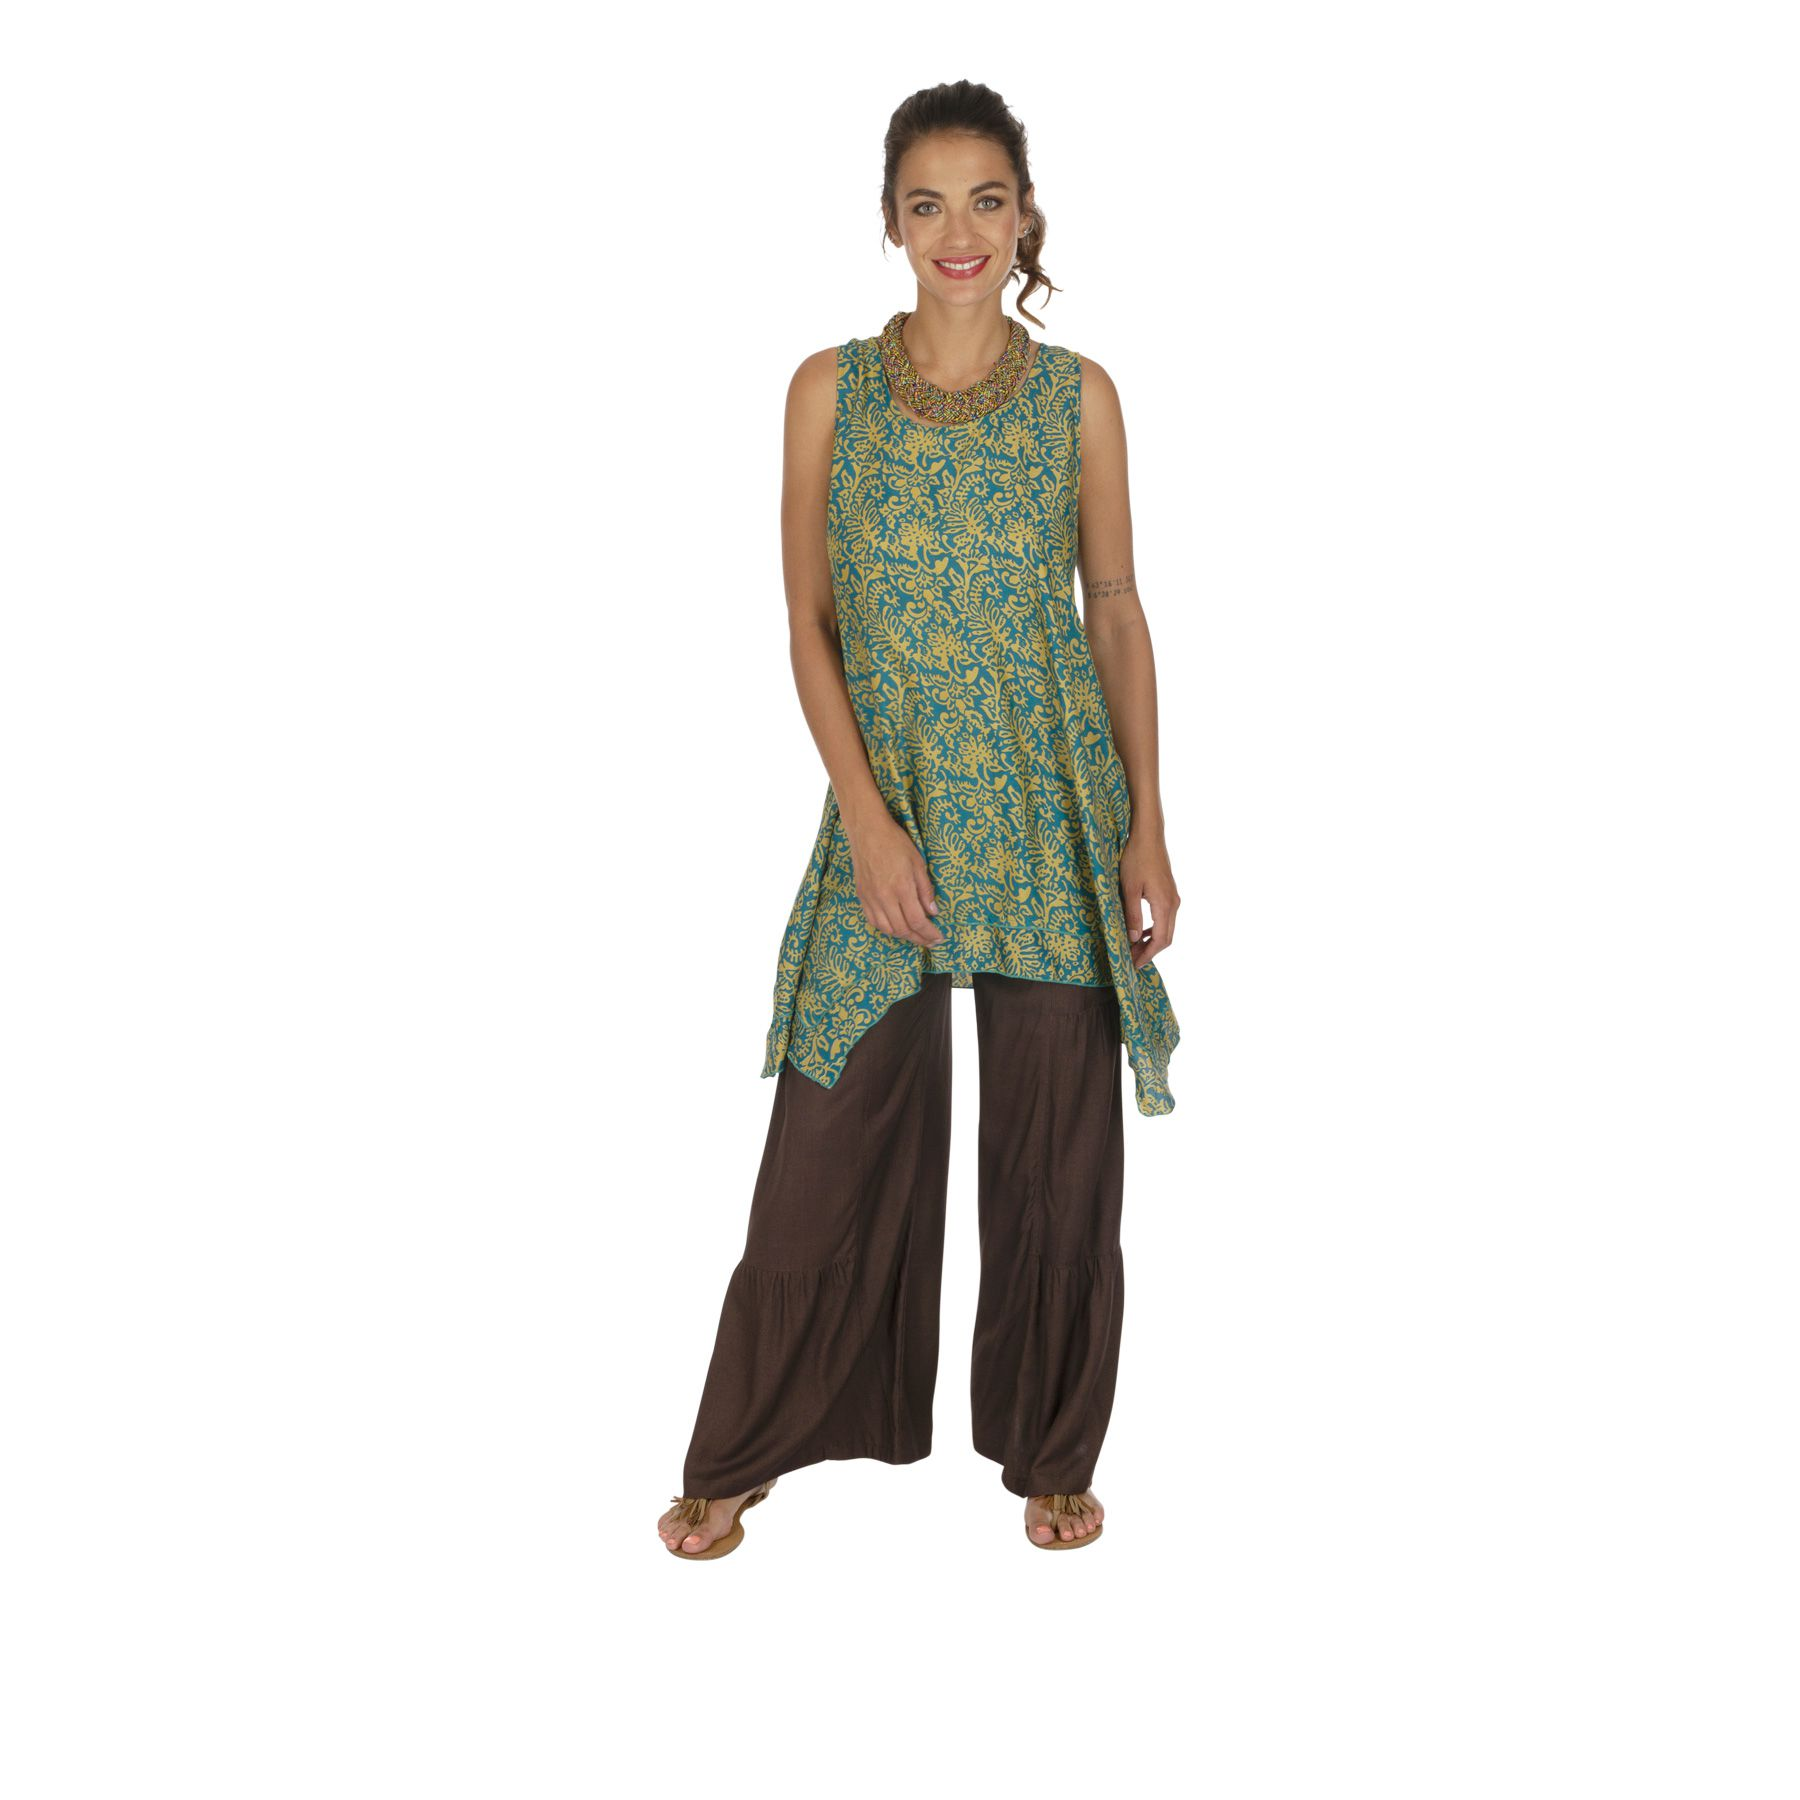 Tunique été femme ample et fluide style bohème Letavy 319874